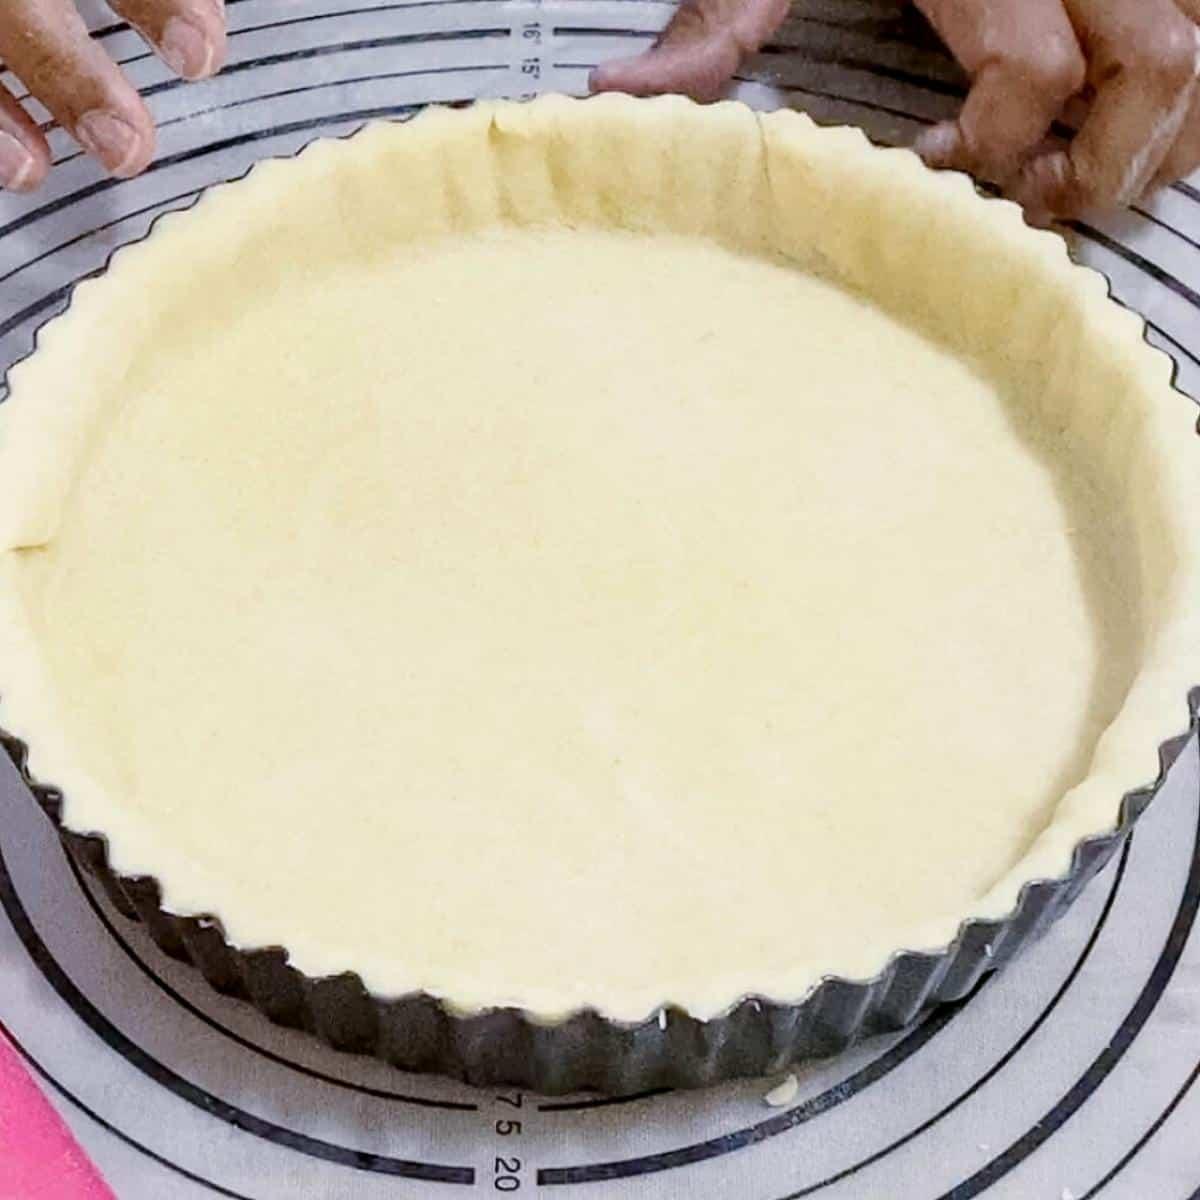 A tart pan with crust.